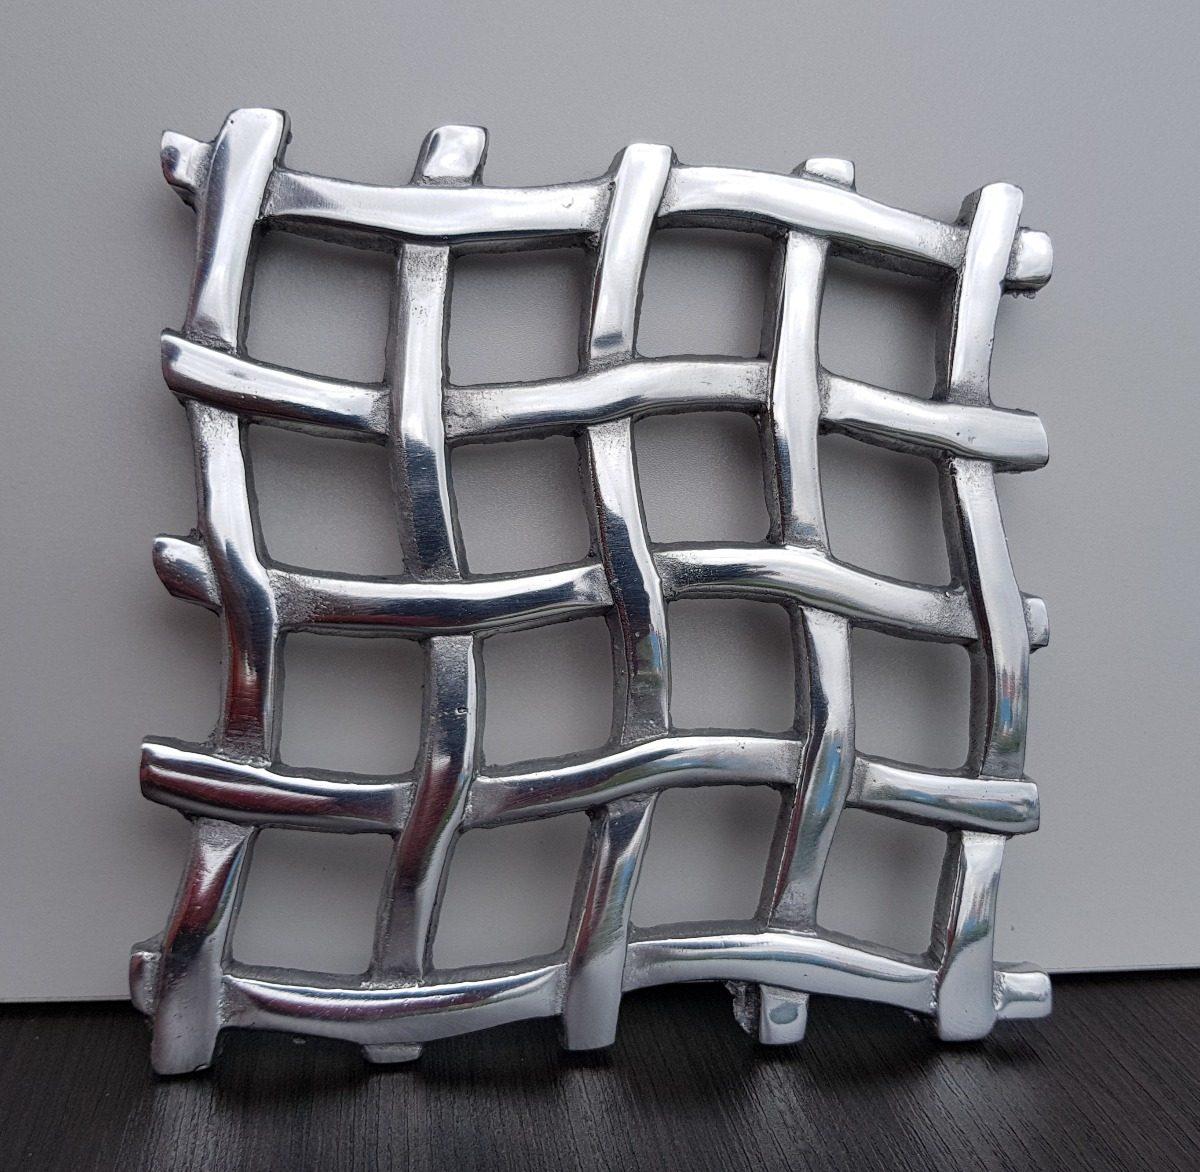 Base porta caliente pewter cuadro comedor estilo for Comedor estilo minimalista